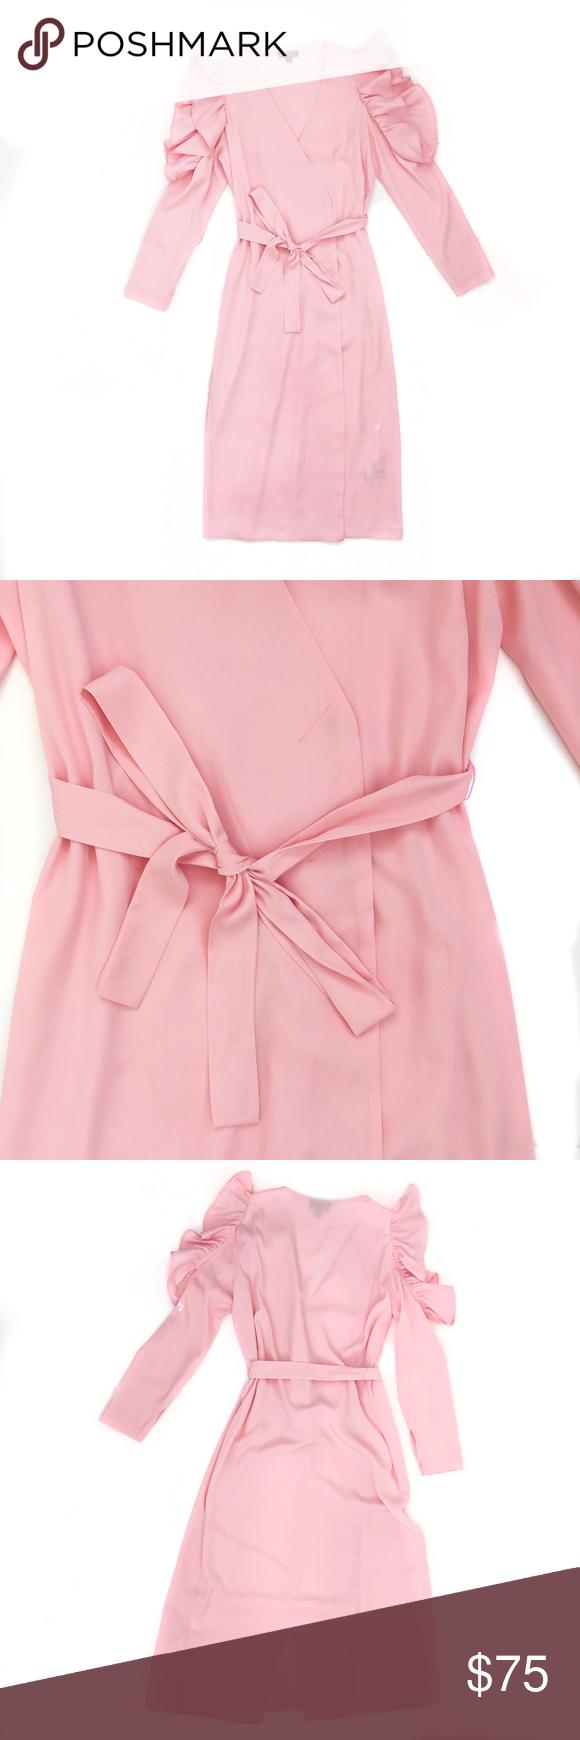 Pink dress topshop  Topshop Cold Shoulder Ruffle Sleeve Wrap Dress  Ruffle sleeve Wrap